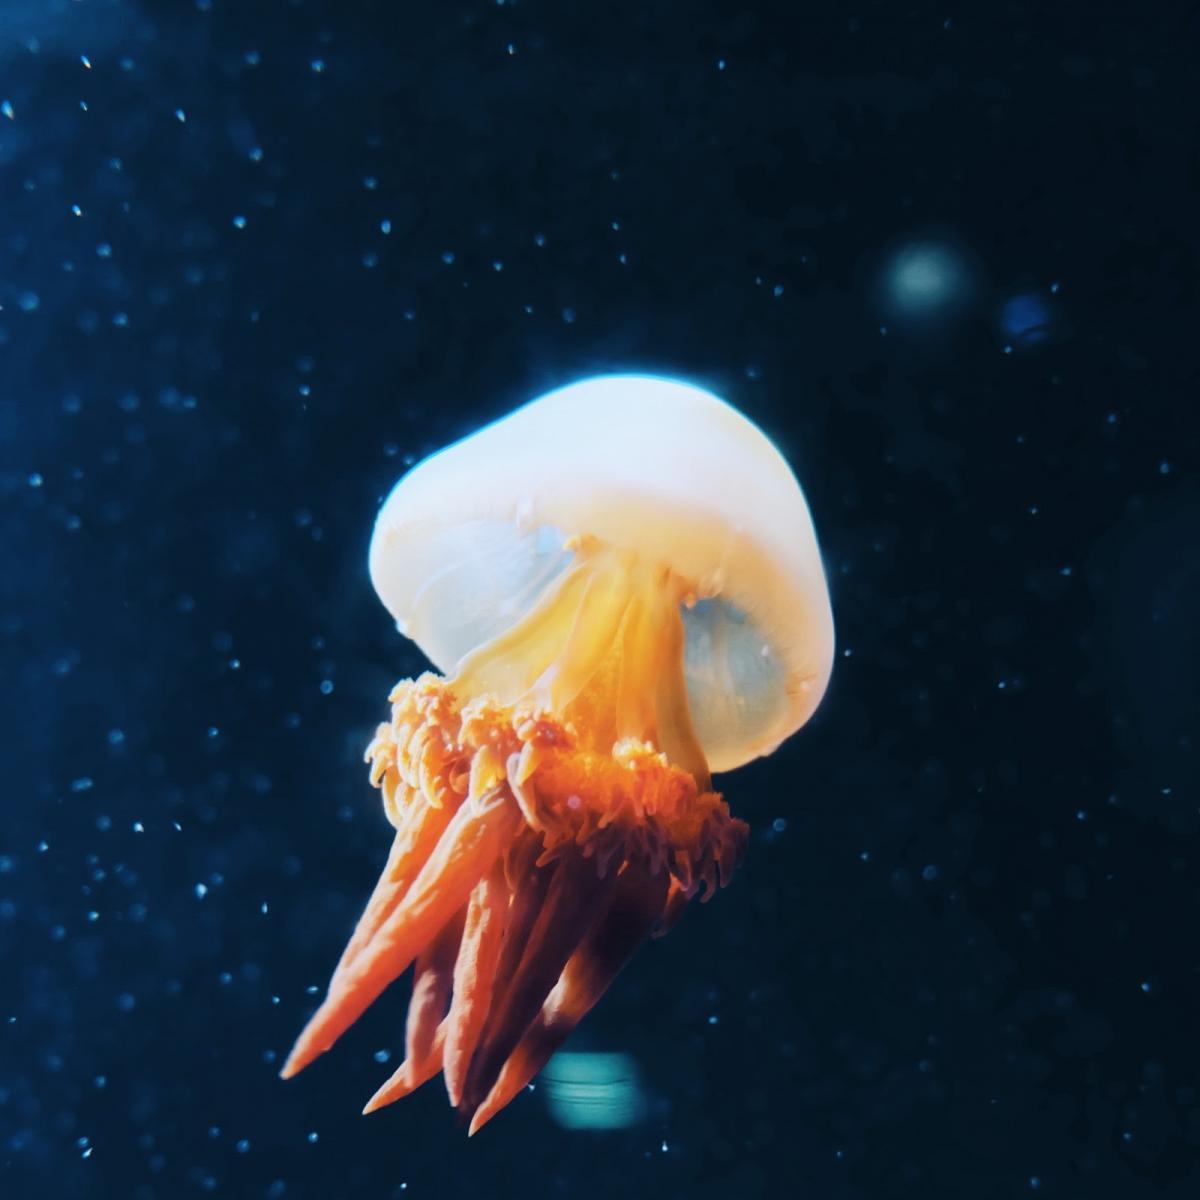 Loài sứa phát sáng độc đáo